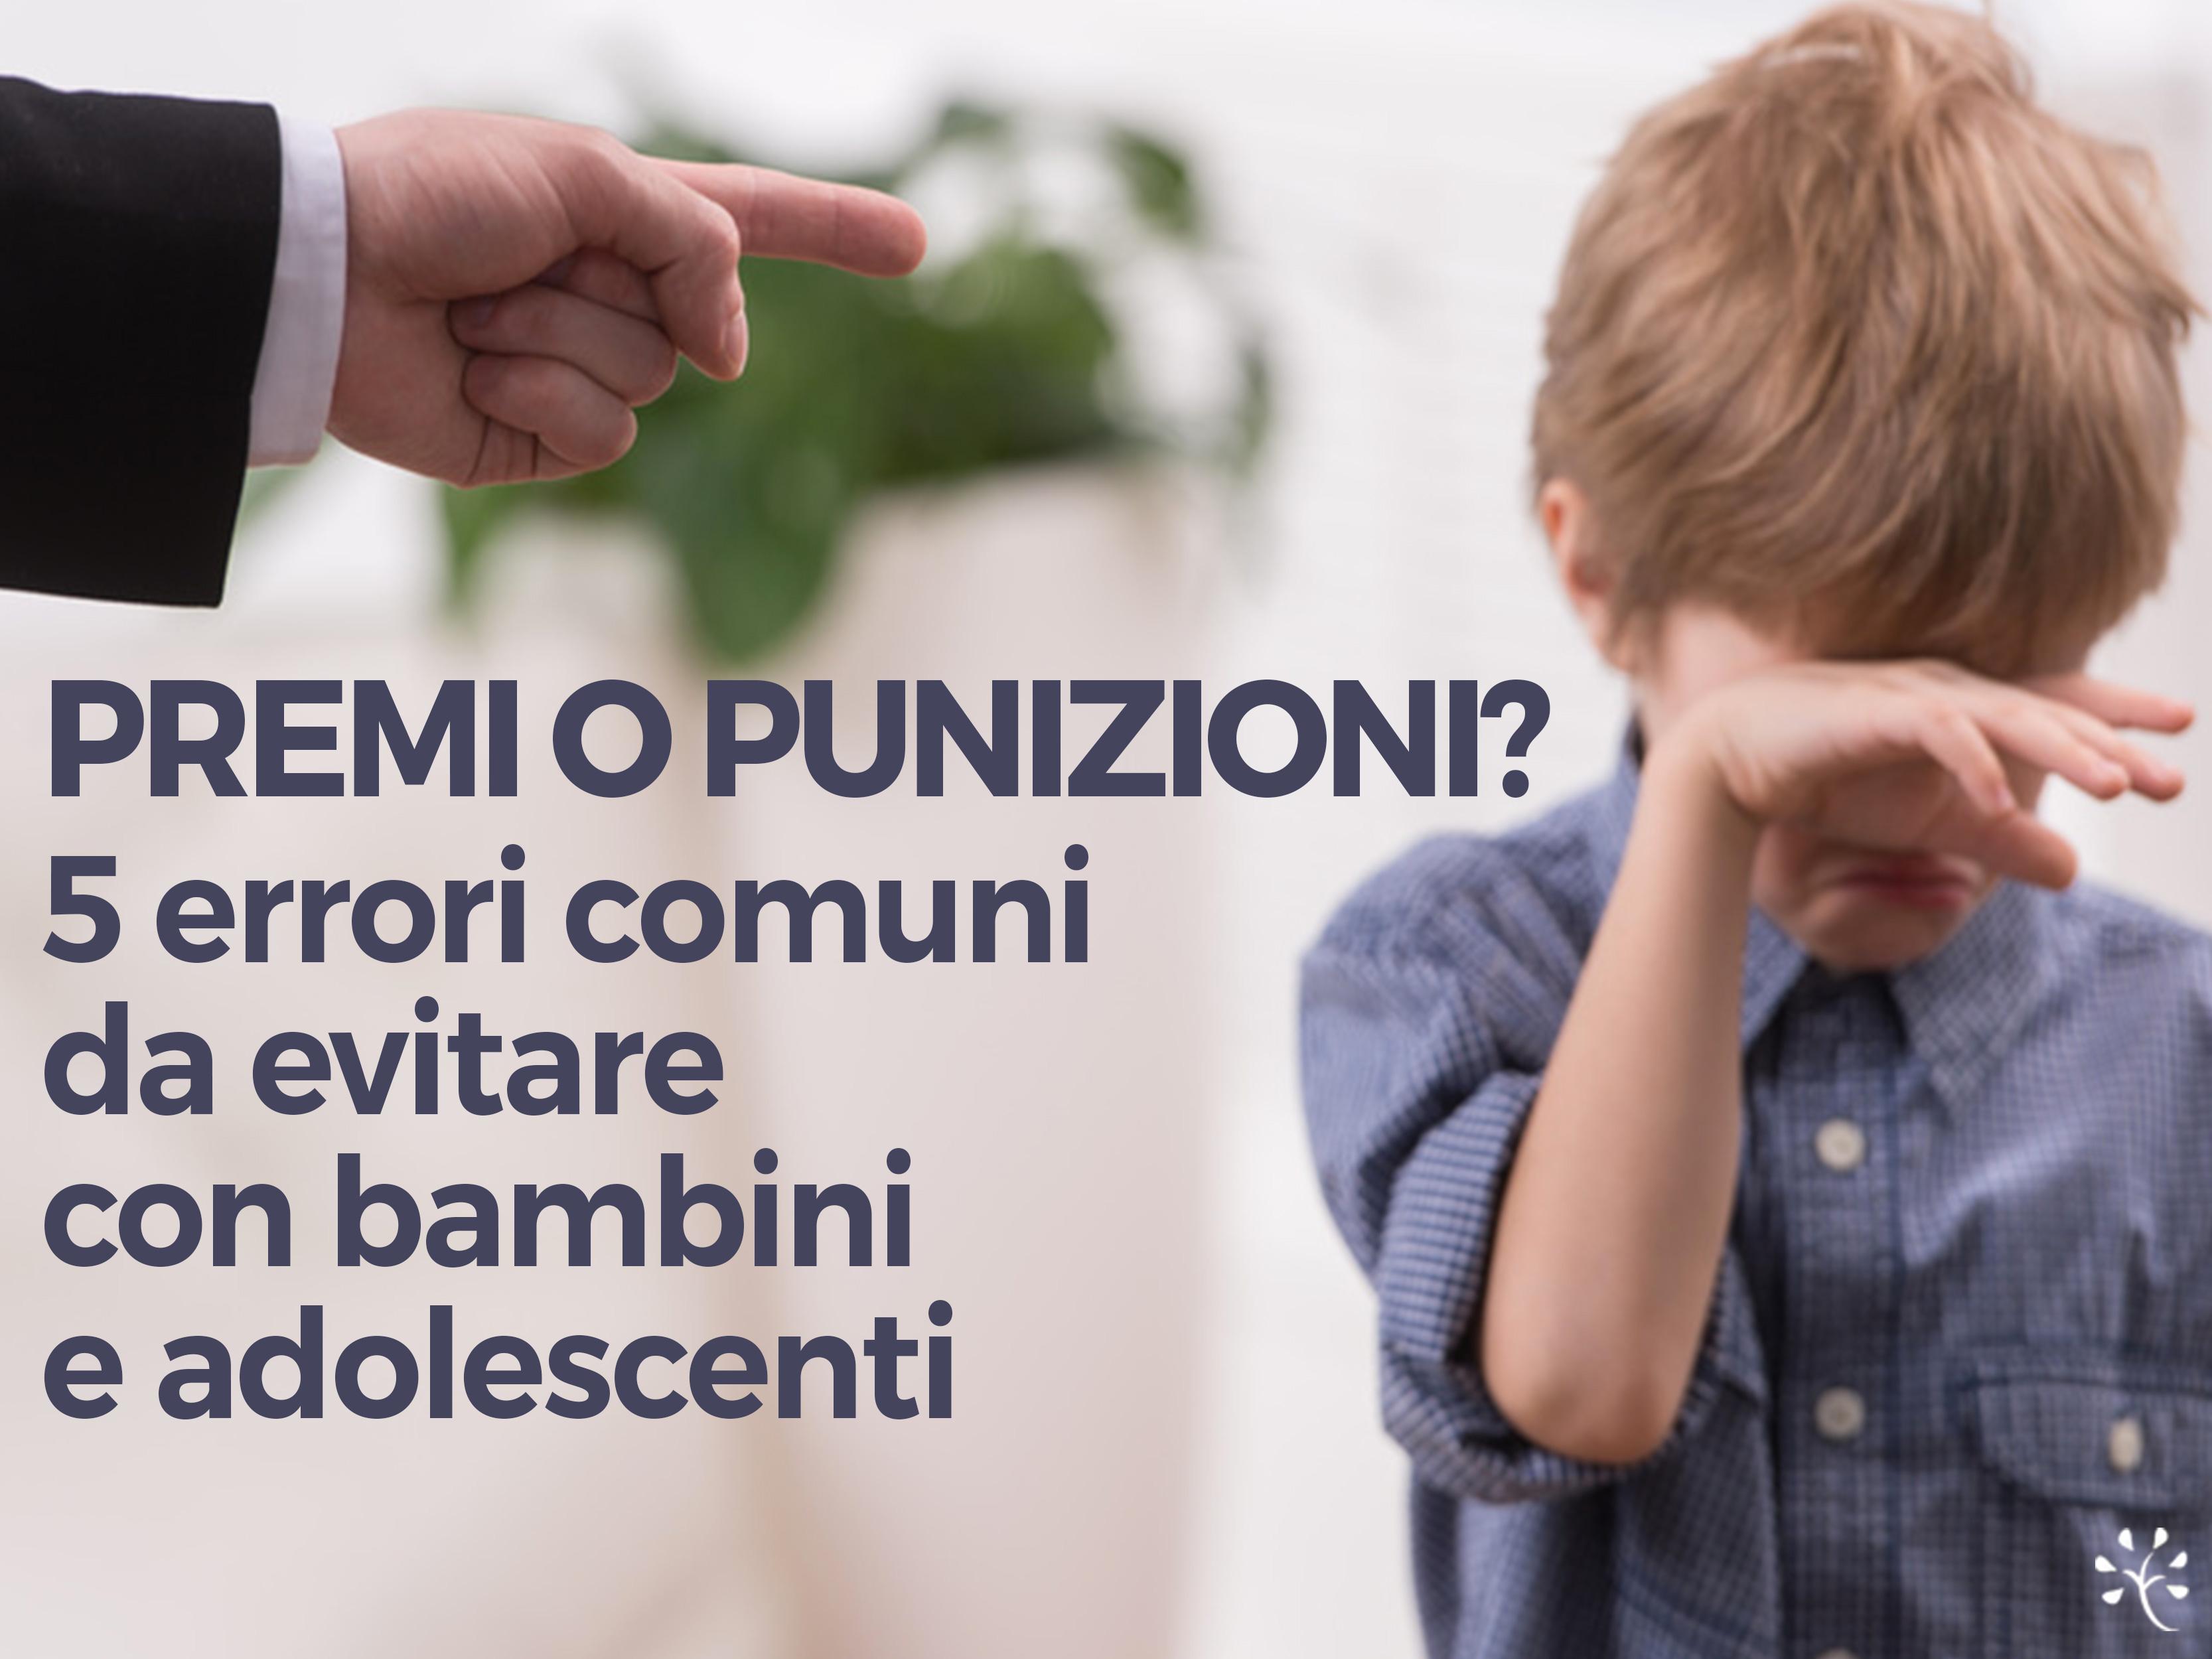 Commentario ai pp (profili.personali)…  Immagine-blog-articolo-punizioni-o-premi-bambini